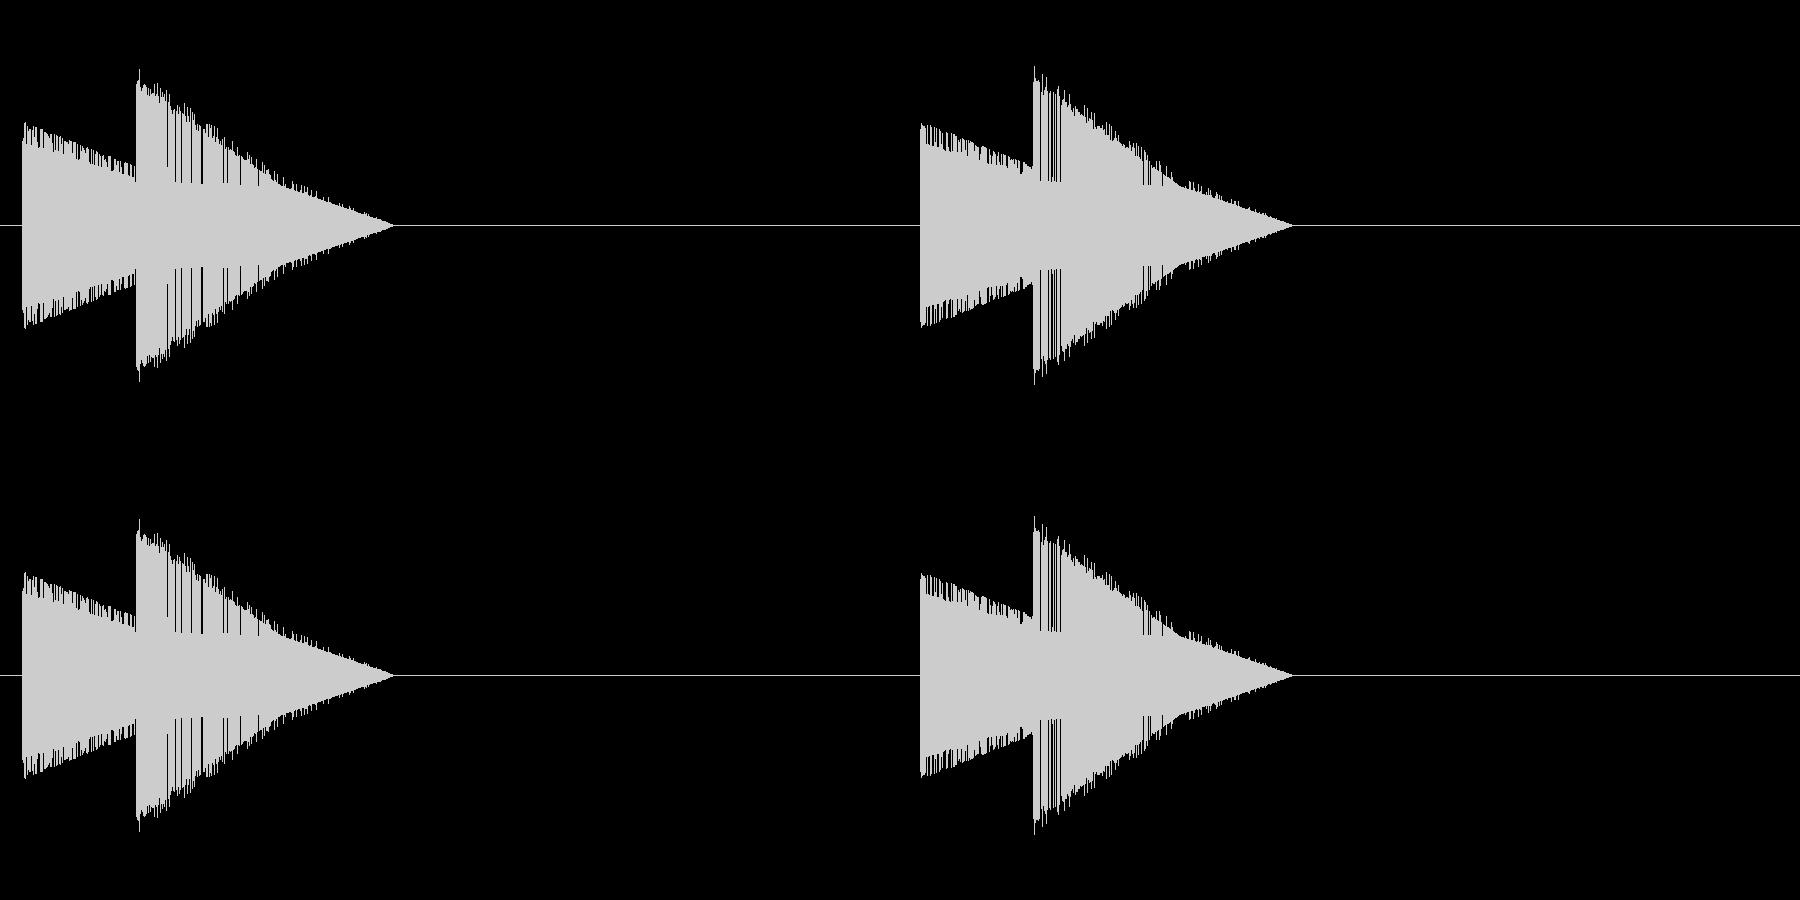 レトロゲーム風・巨大な足音・ループ再生の未再生の波形